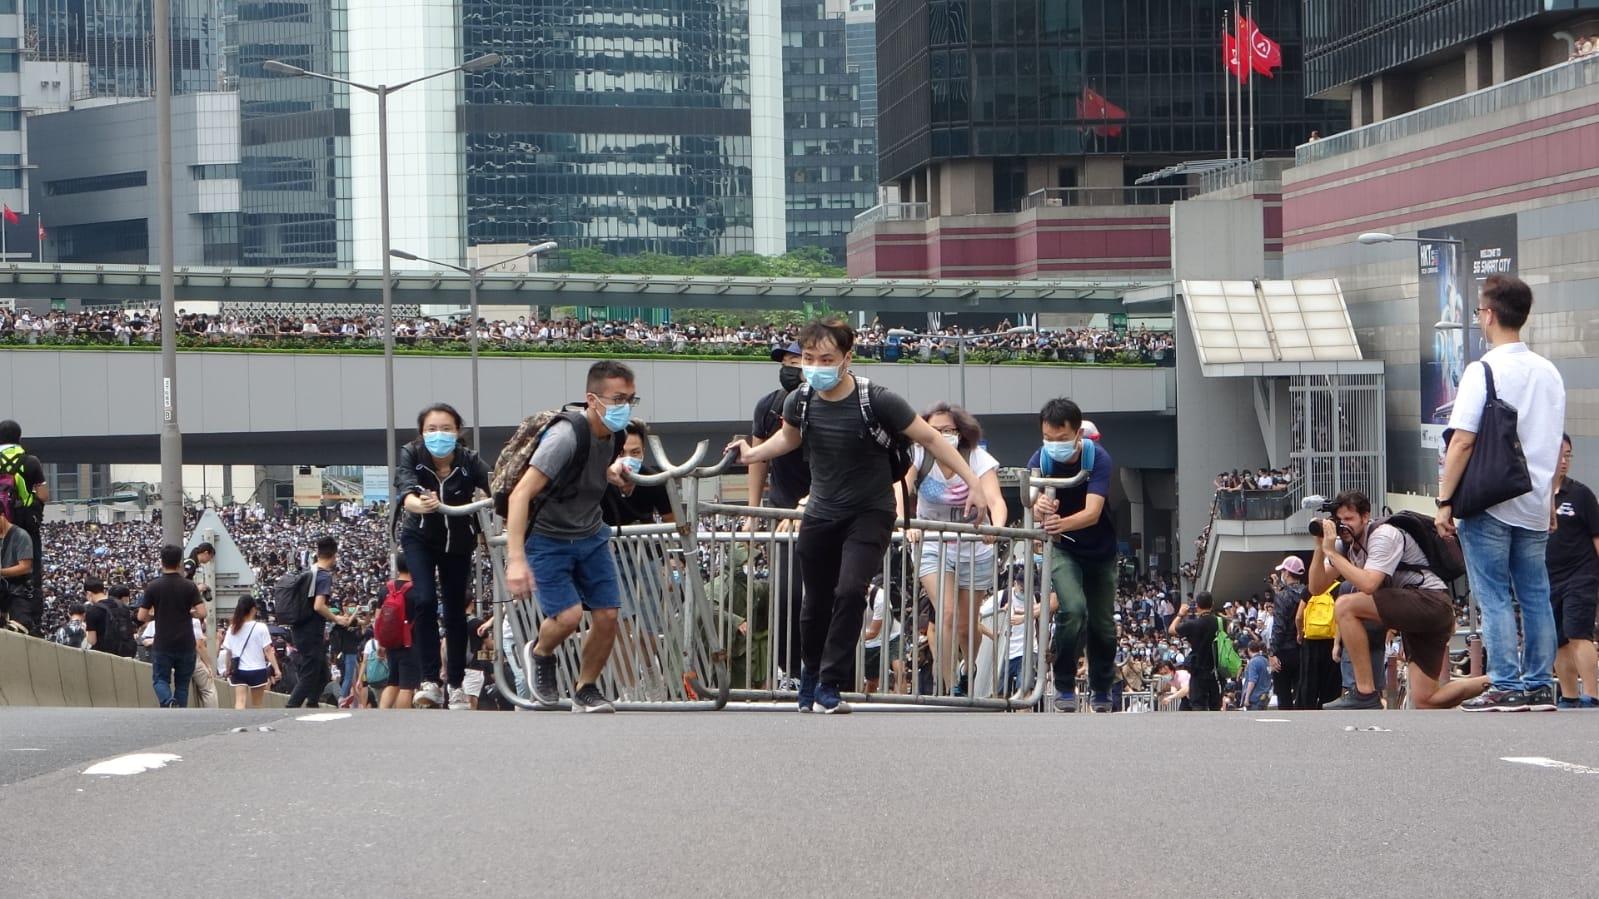 示威者衝出龍和道、夏慤道,並架起鐵馬陣佔領馬路。